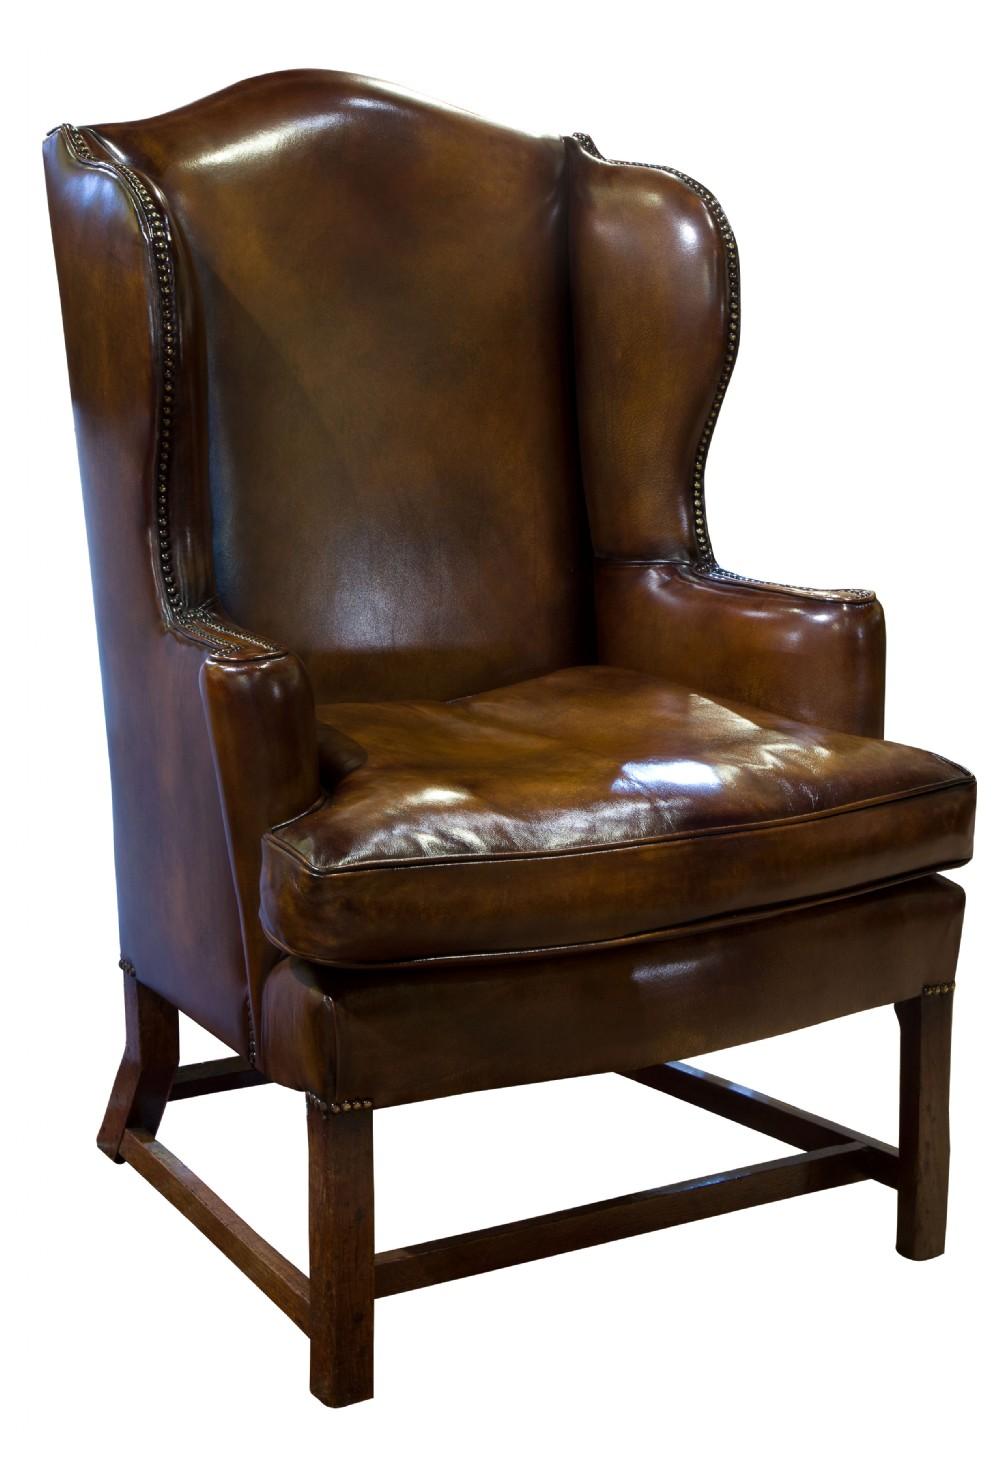 18thc oak framed wing chair c1760